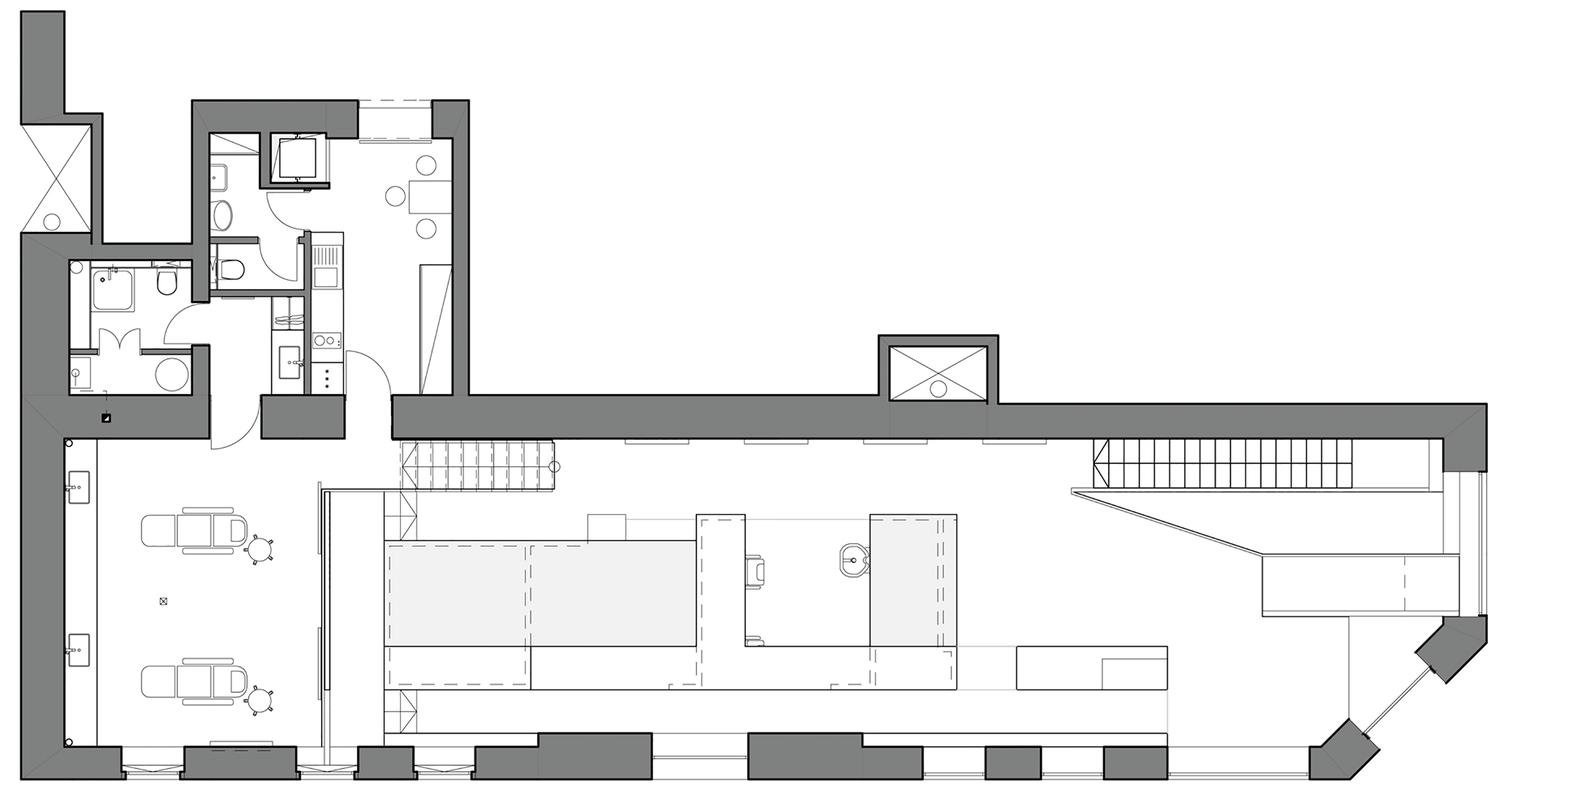 План-чертёж здания салона красоты - Фото 2